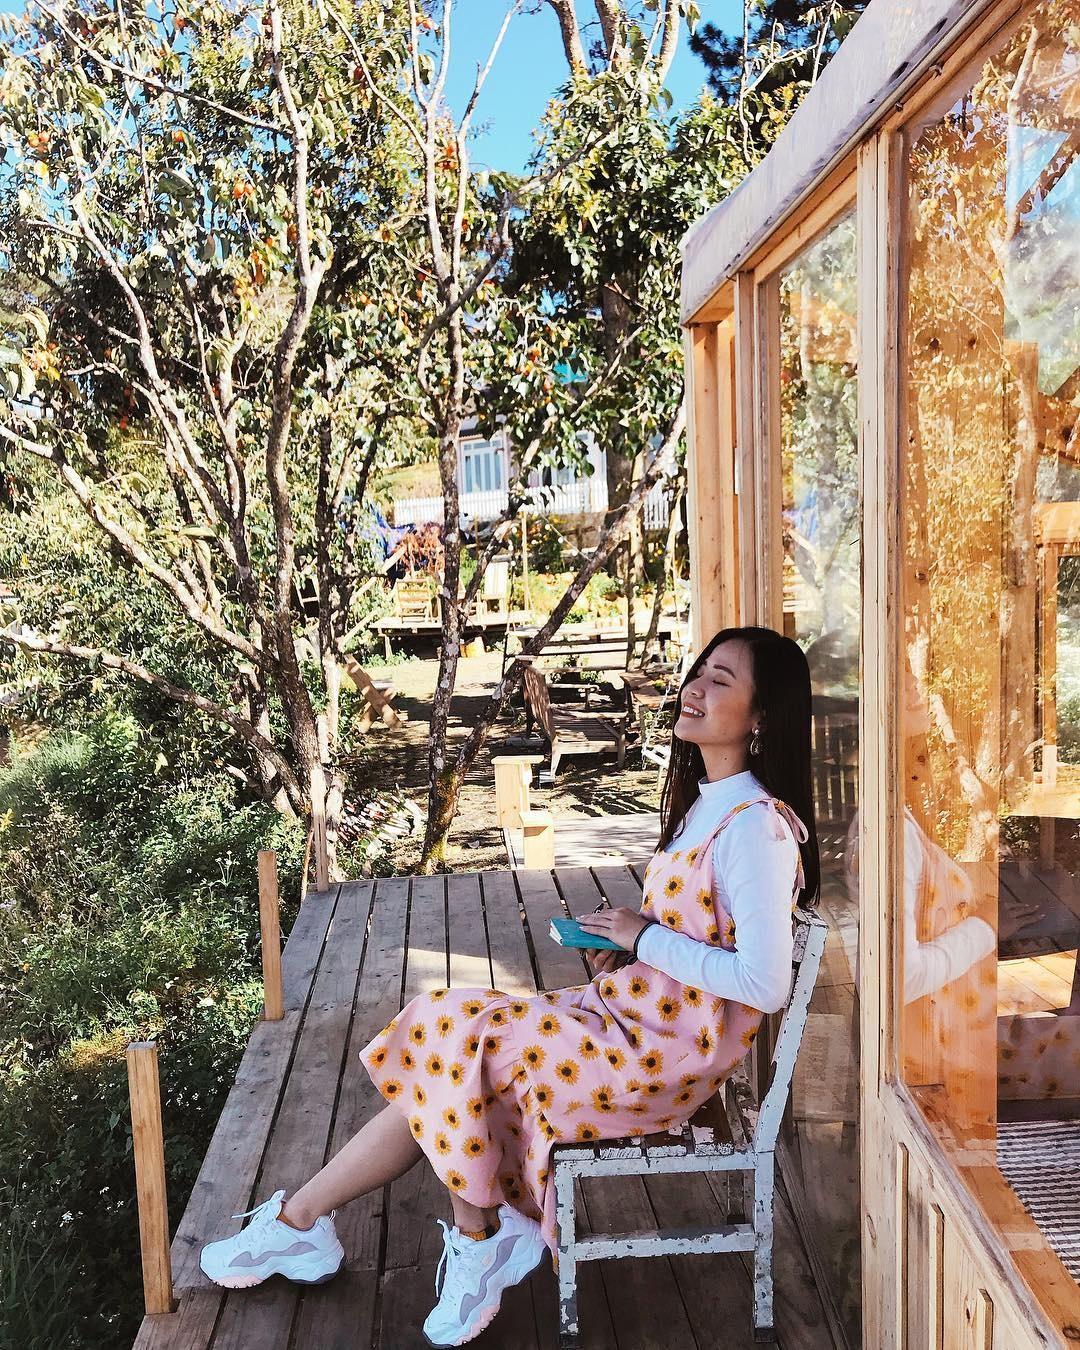 Túi mơ to – <em>Ảnh: Phuongchi_183, magicmax2901.</em>